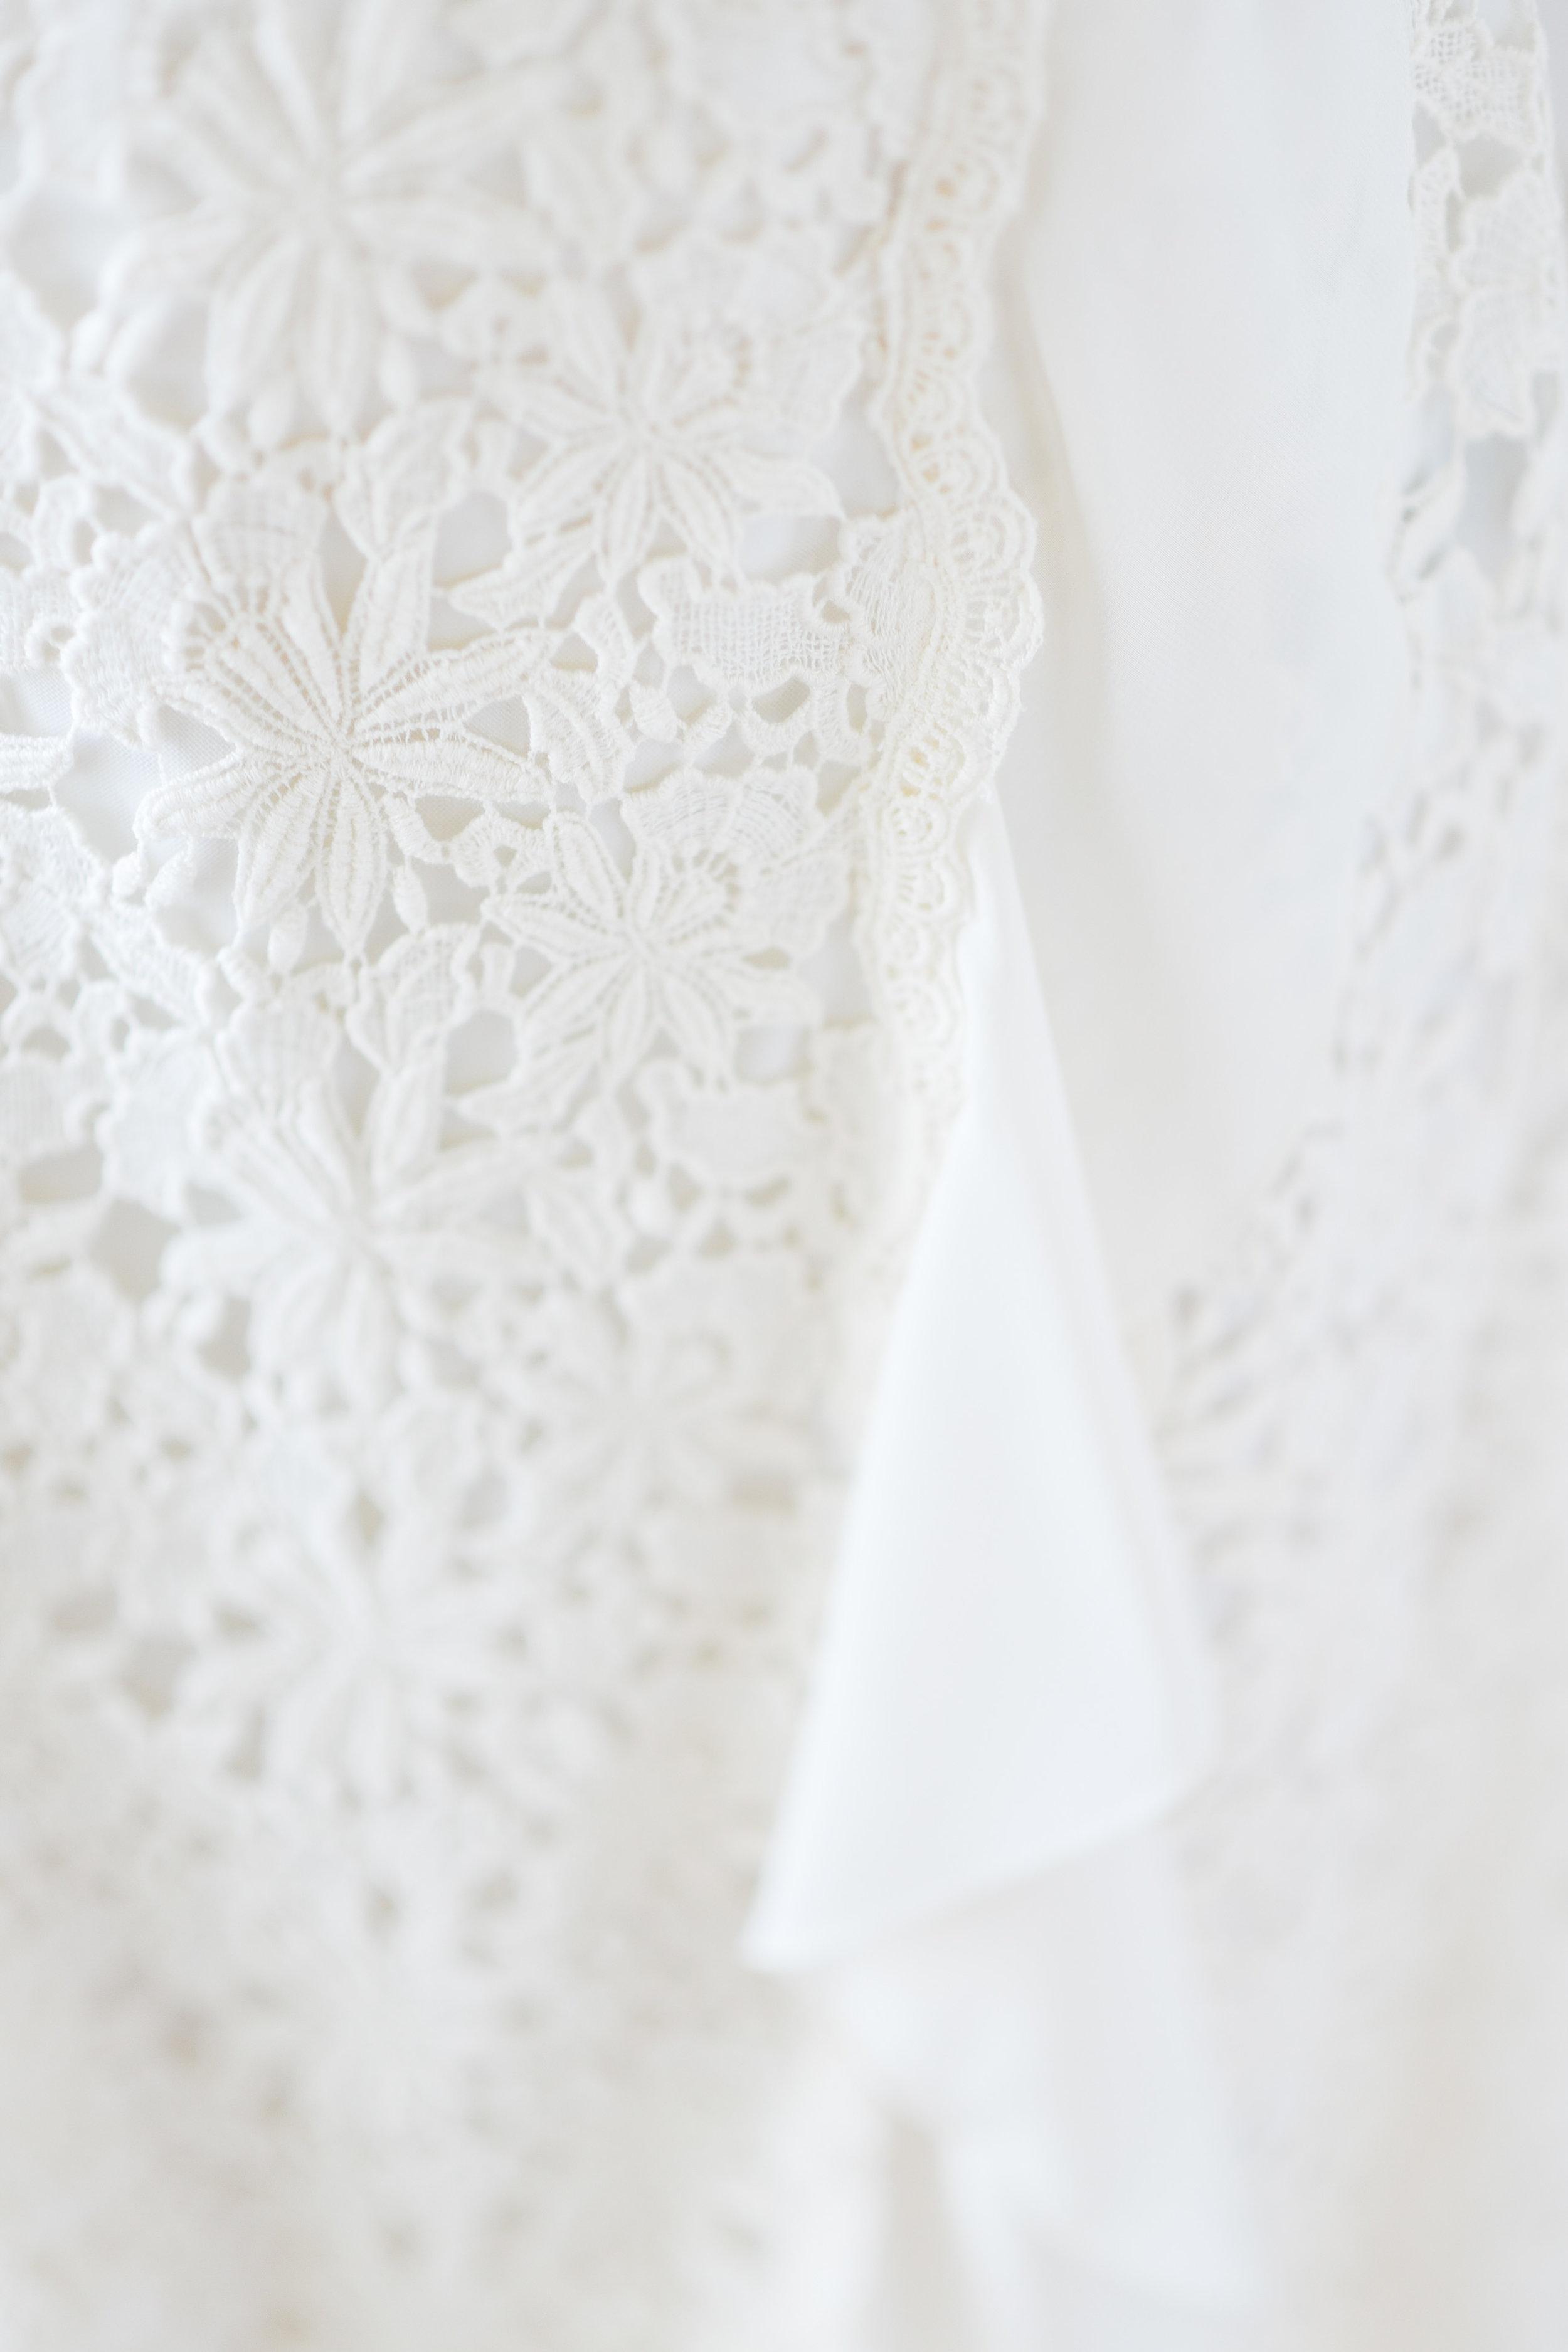 dress3_4.jpg